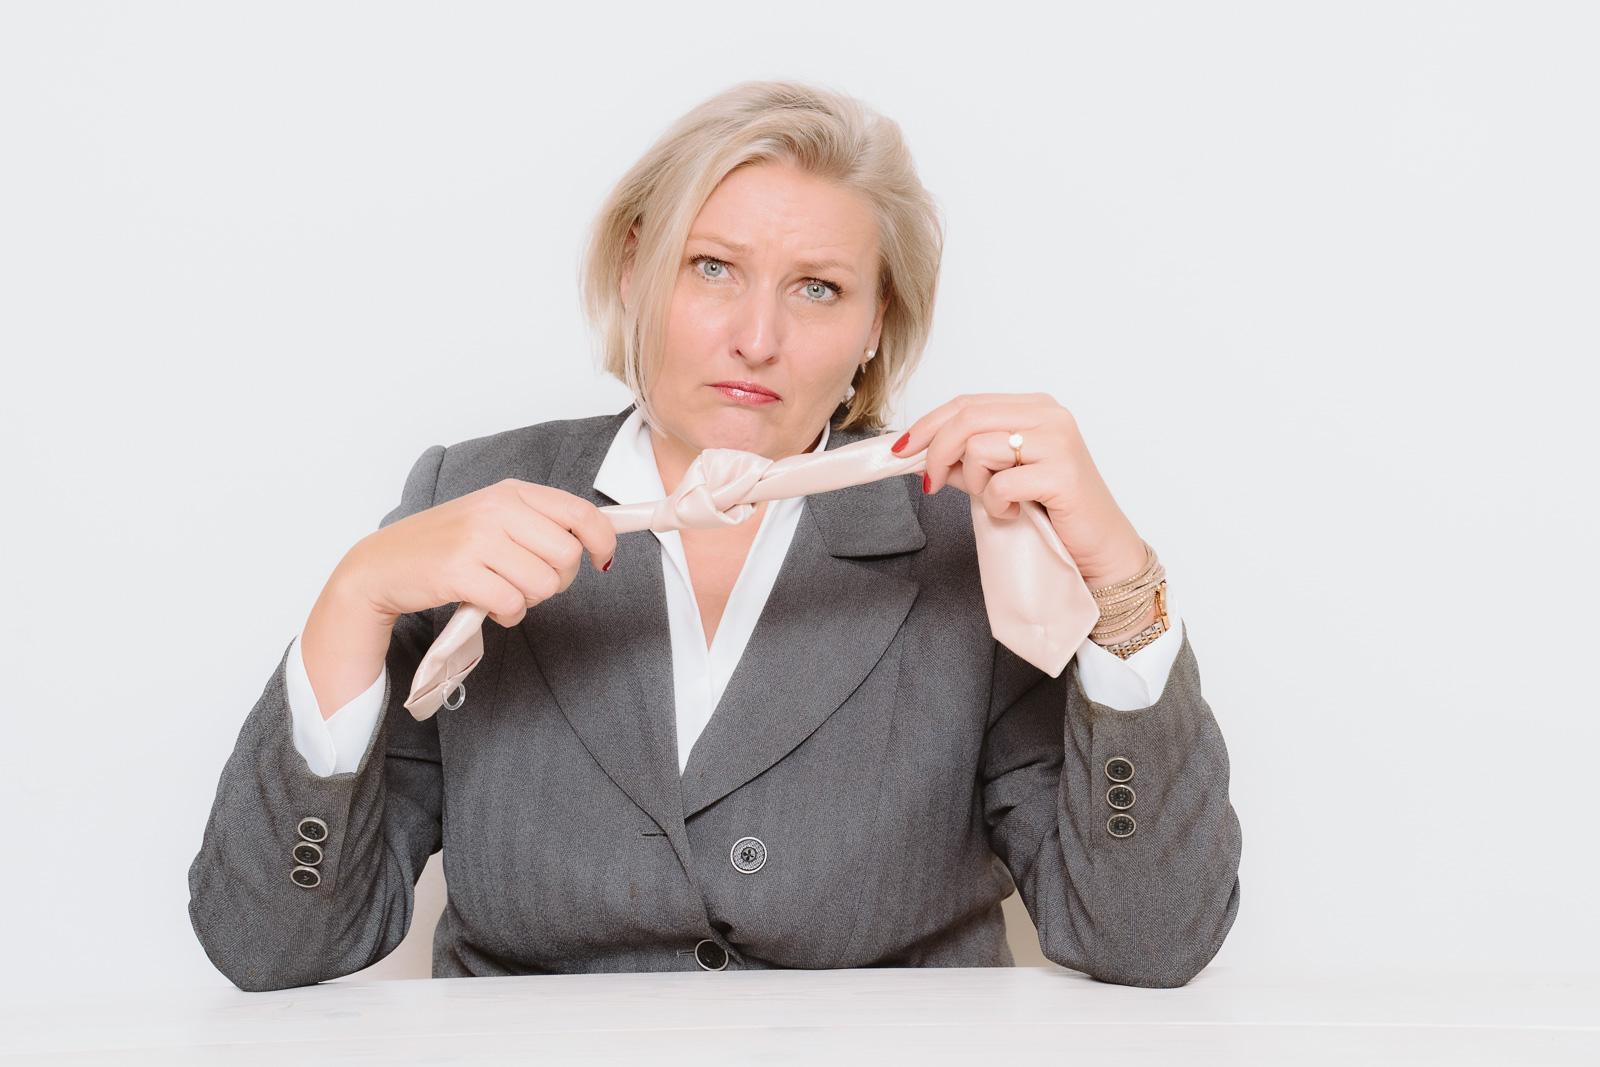 Businessporträts - Logopädin Kerstin Winterboer zeigt- Knoten in der Zunge